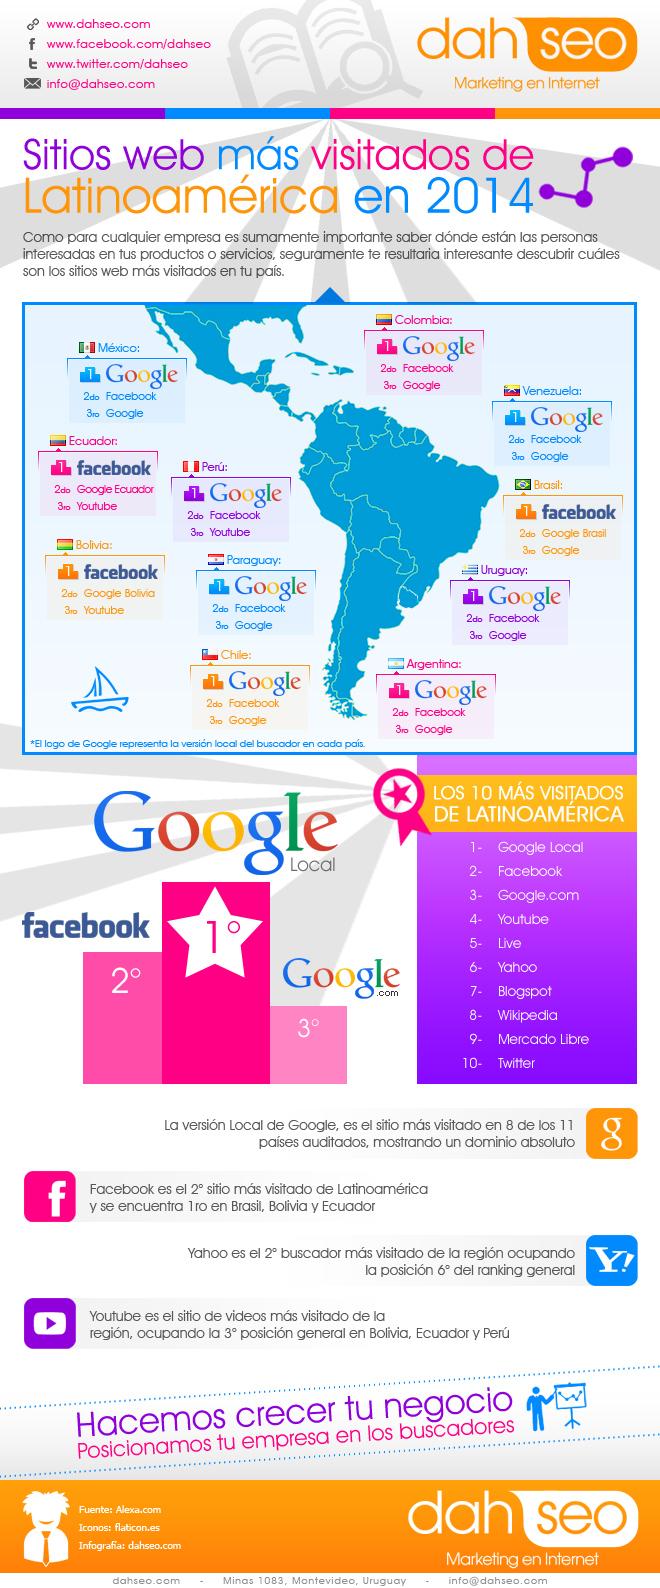 Infografia-sitios-mas-visitados-latinoamerica-2014